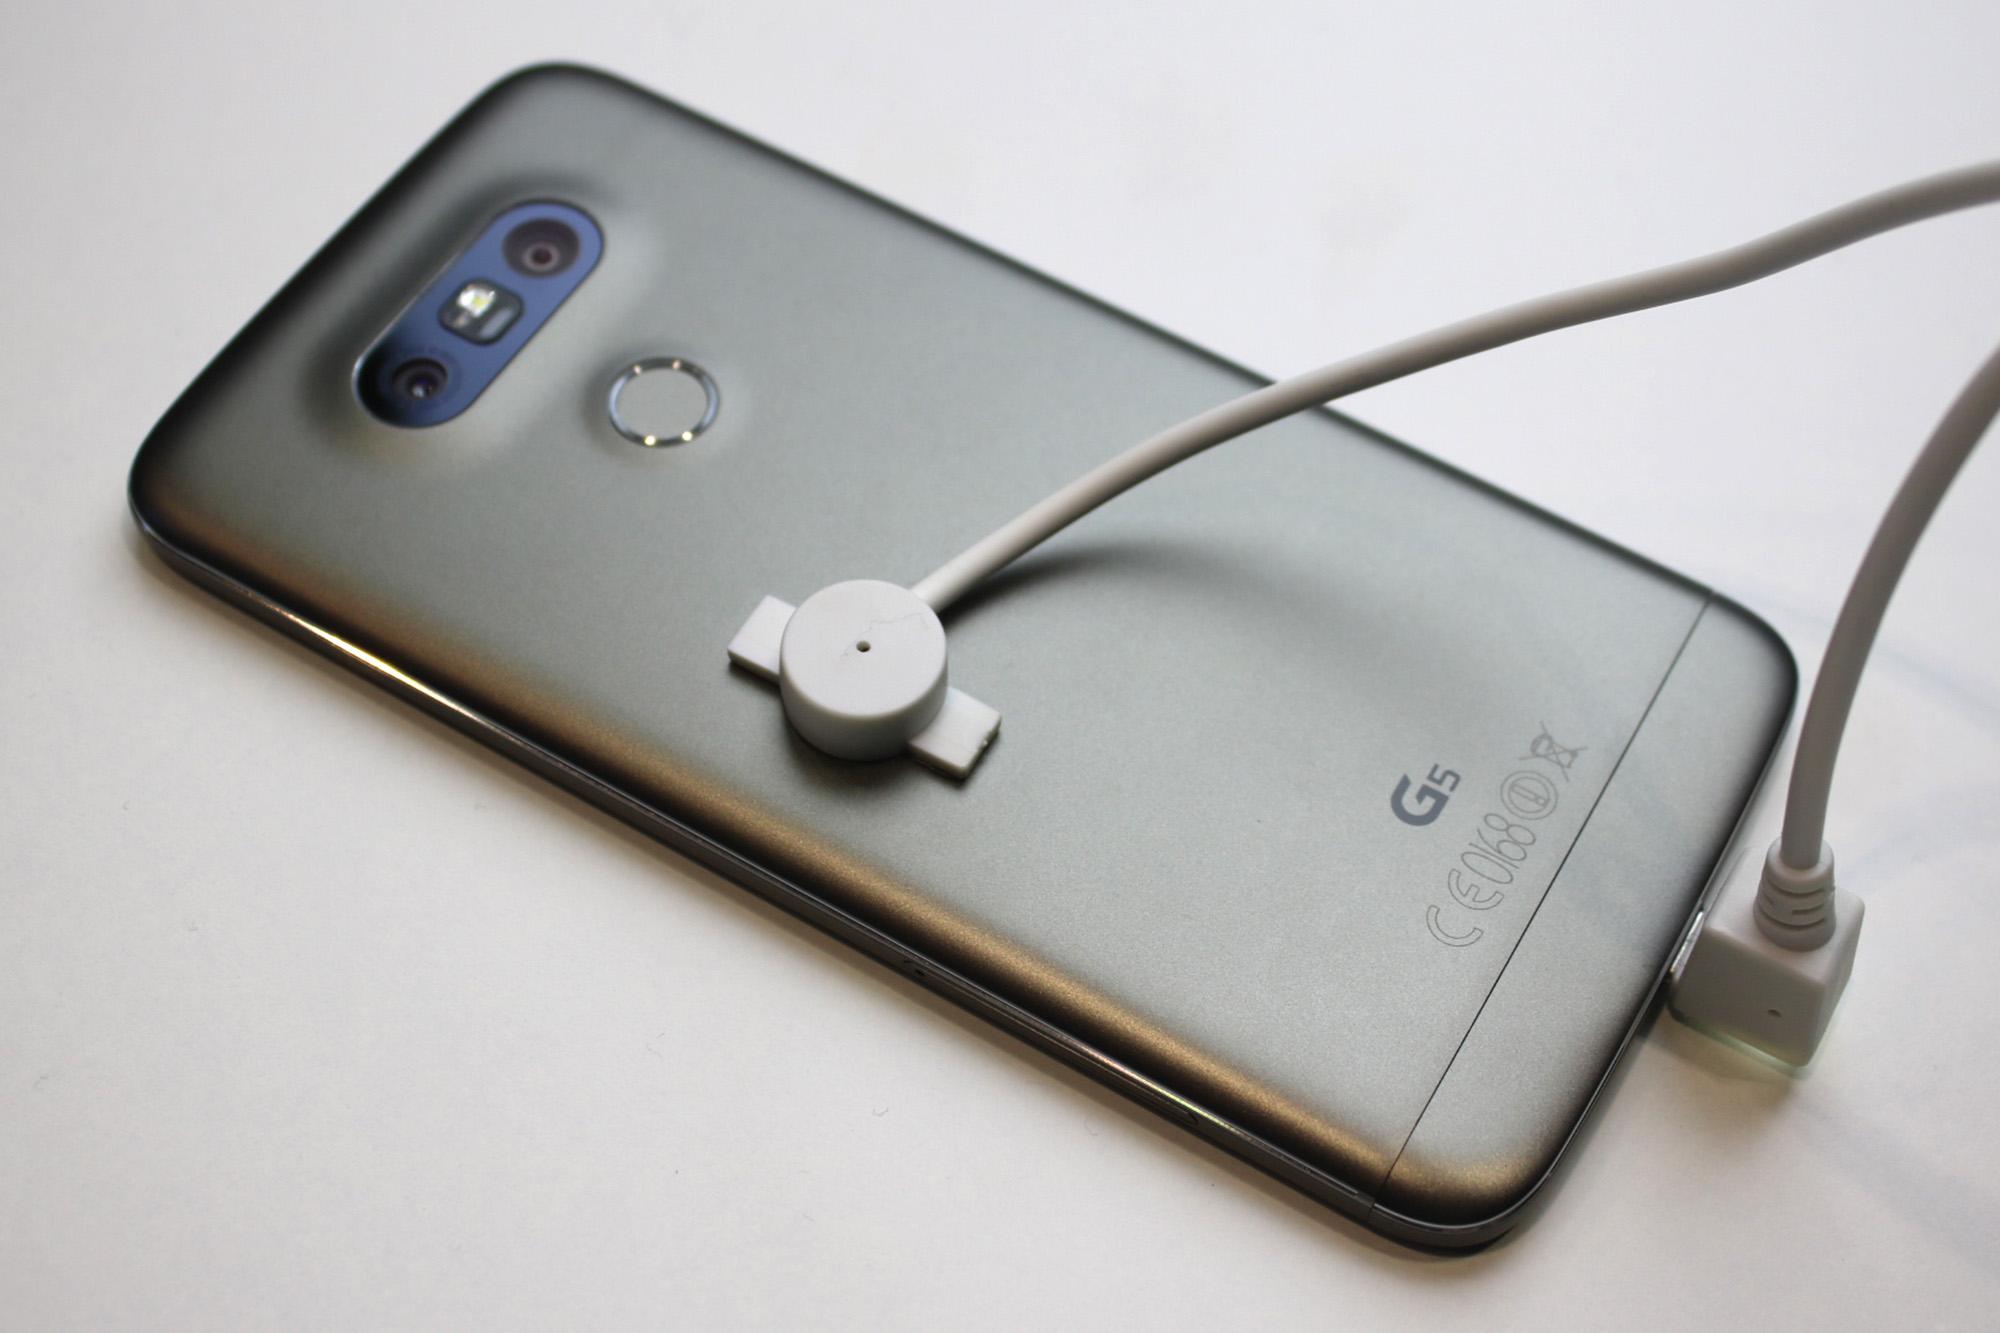 LGG5-12